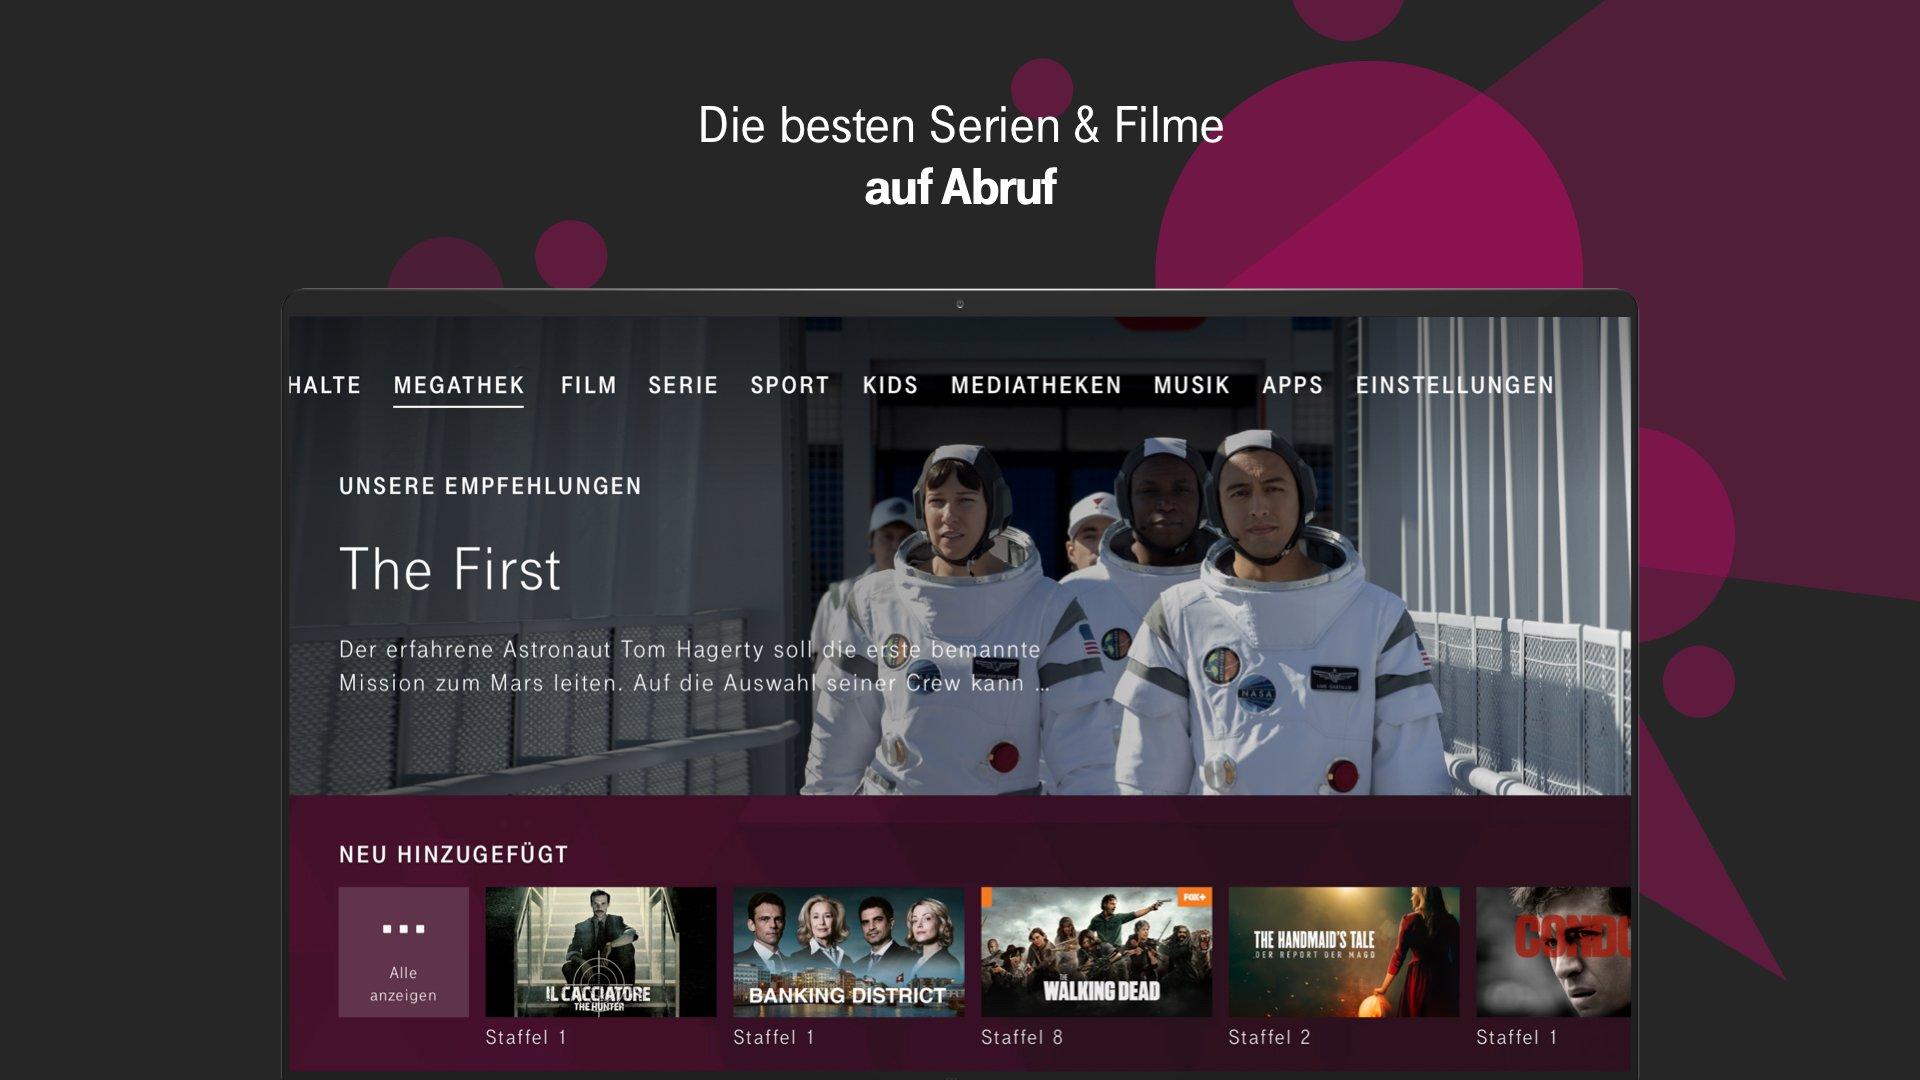 Telekom stellt EntertainTV ein, Wechsel zu MagentaTV nötig